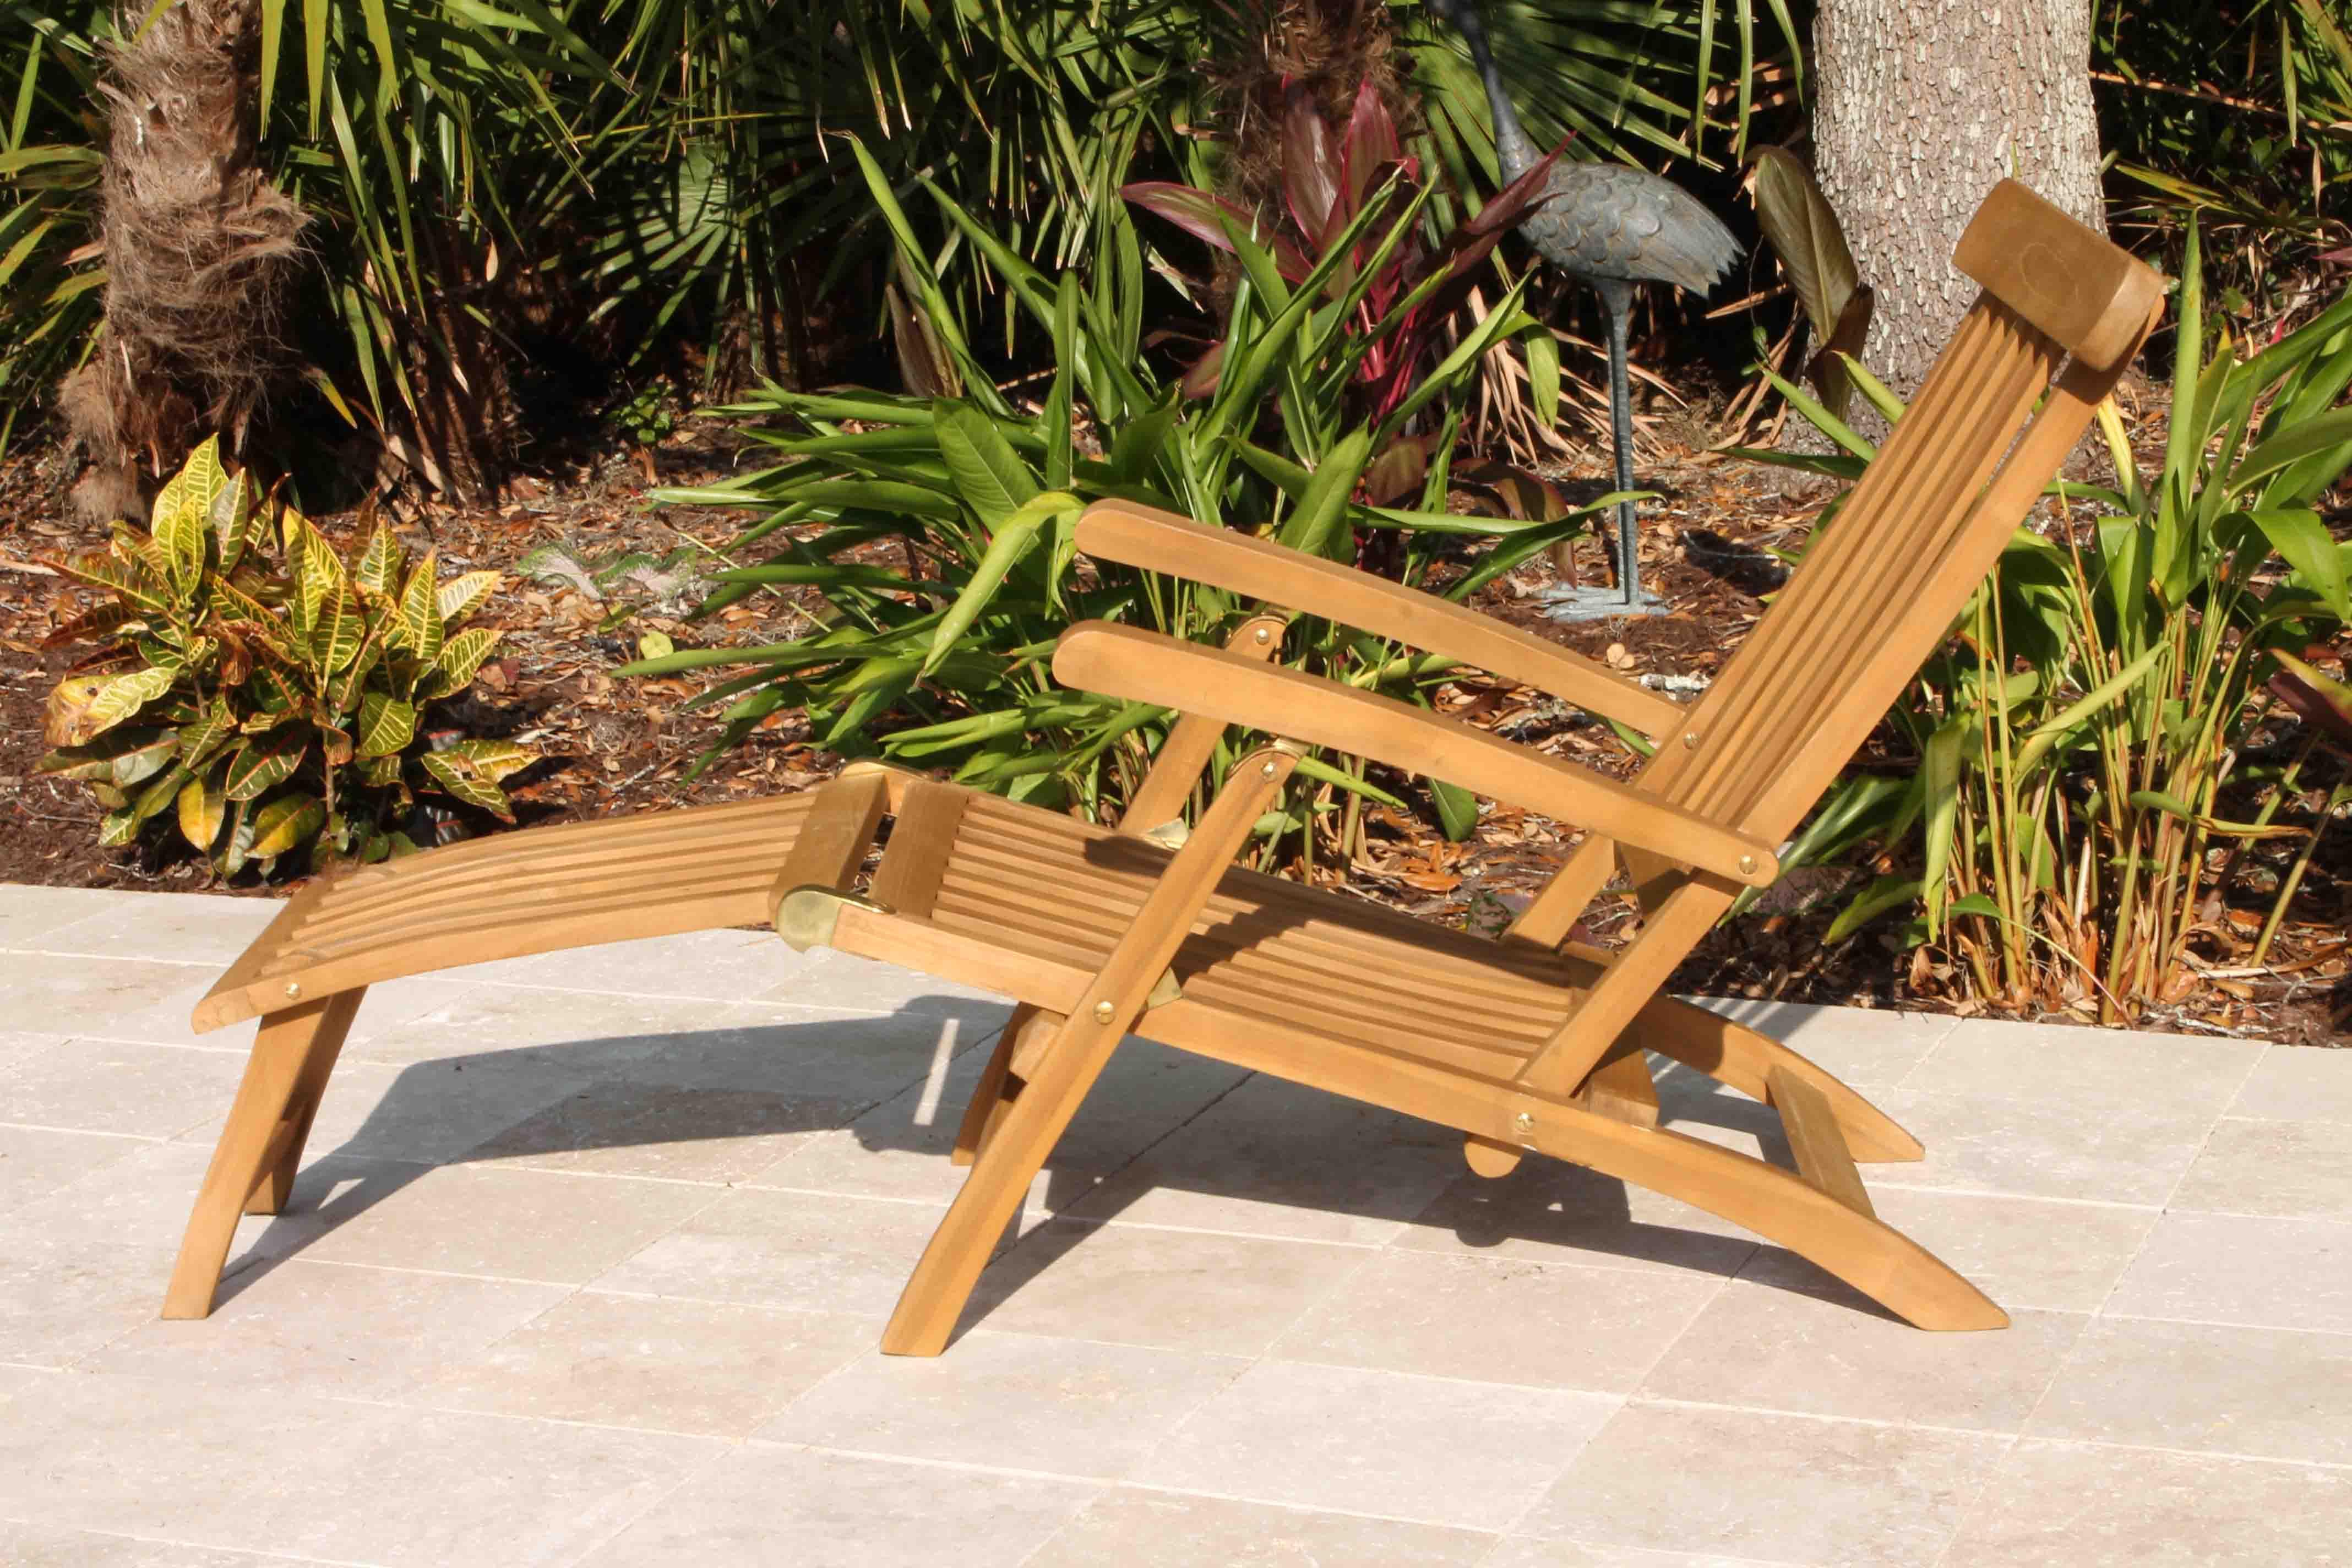 Beau Oceanic Teak Furniture